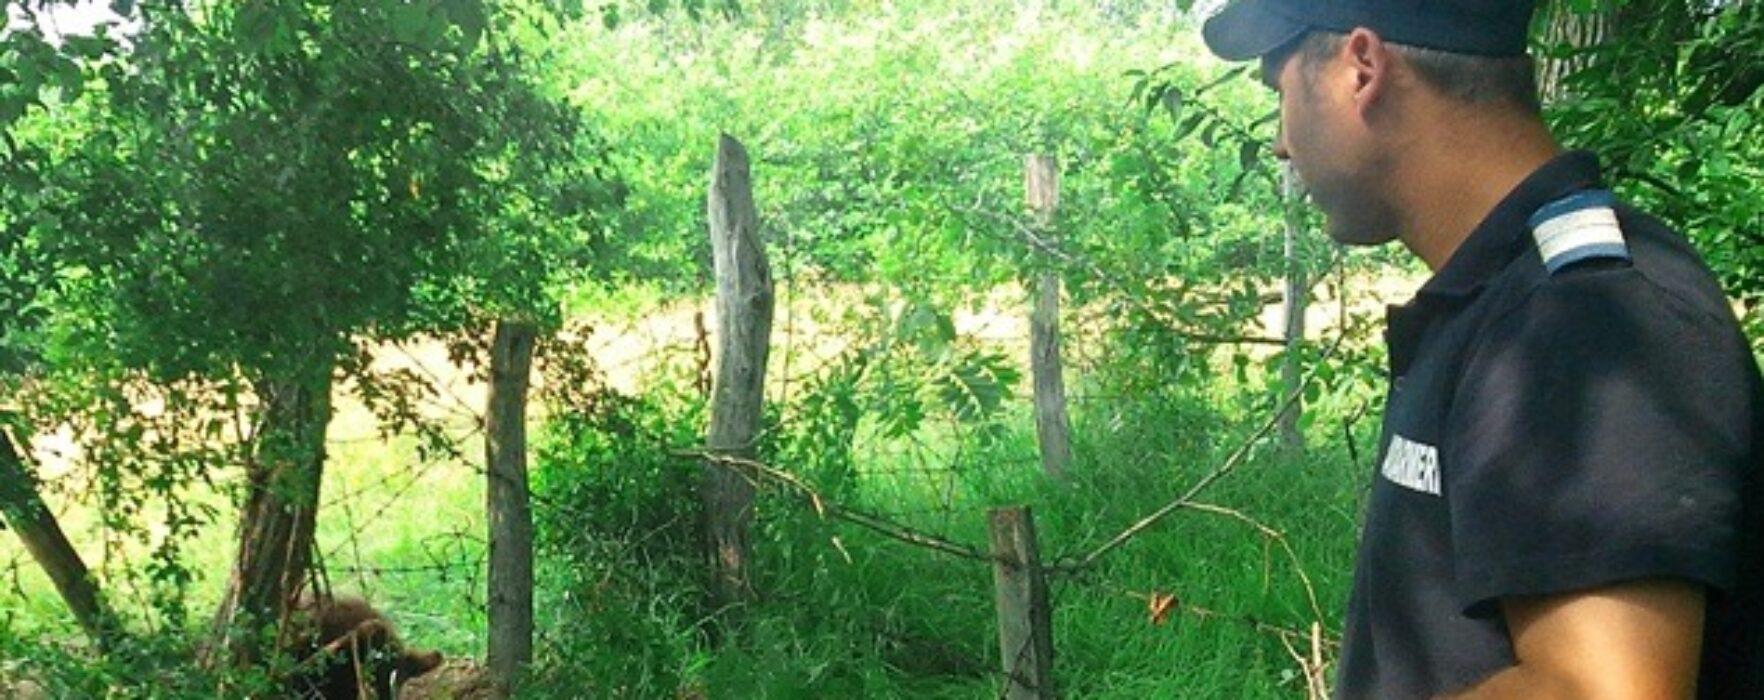 Pui de urs, prins într-un gard la Malu cu Flori (video)